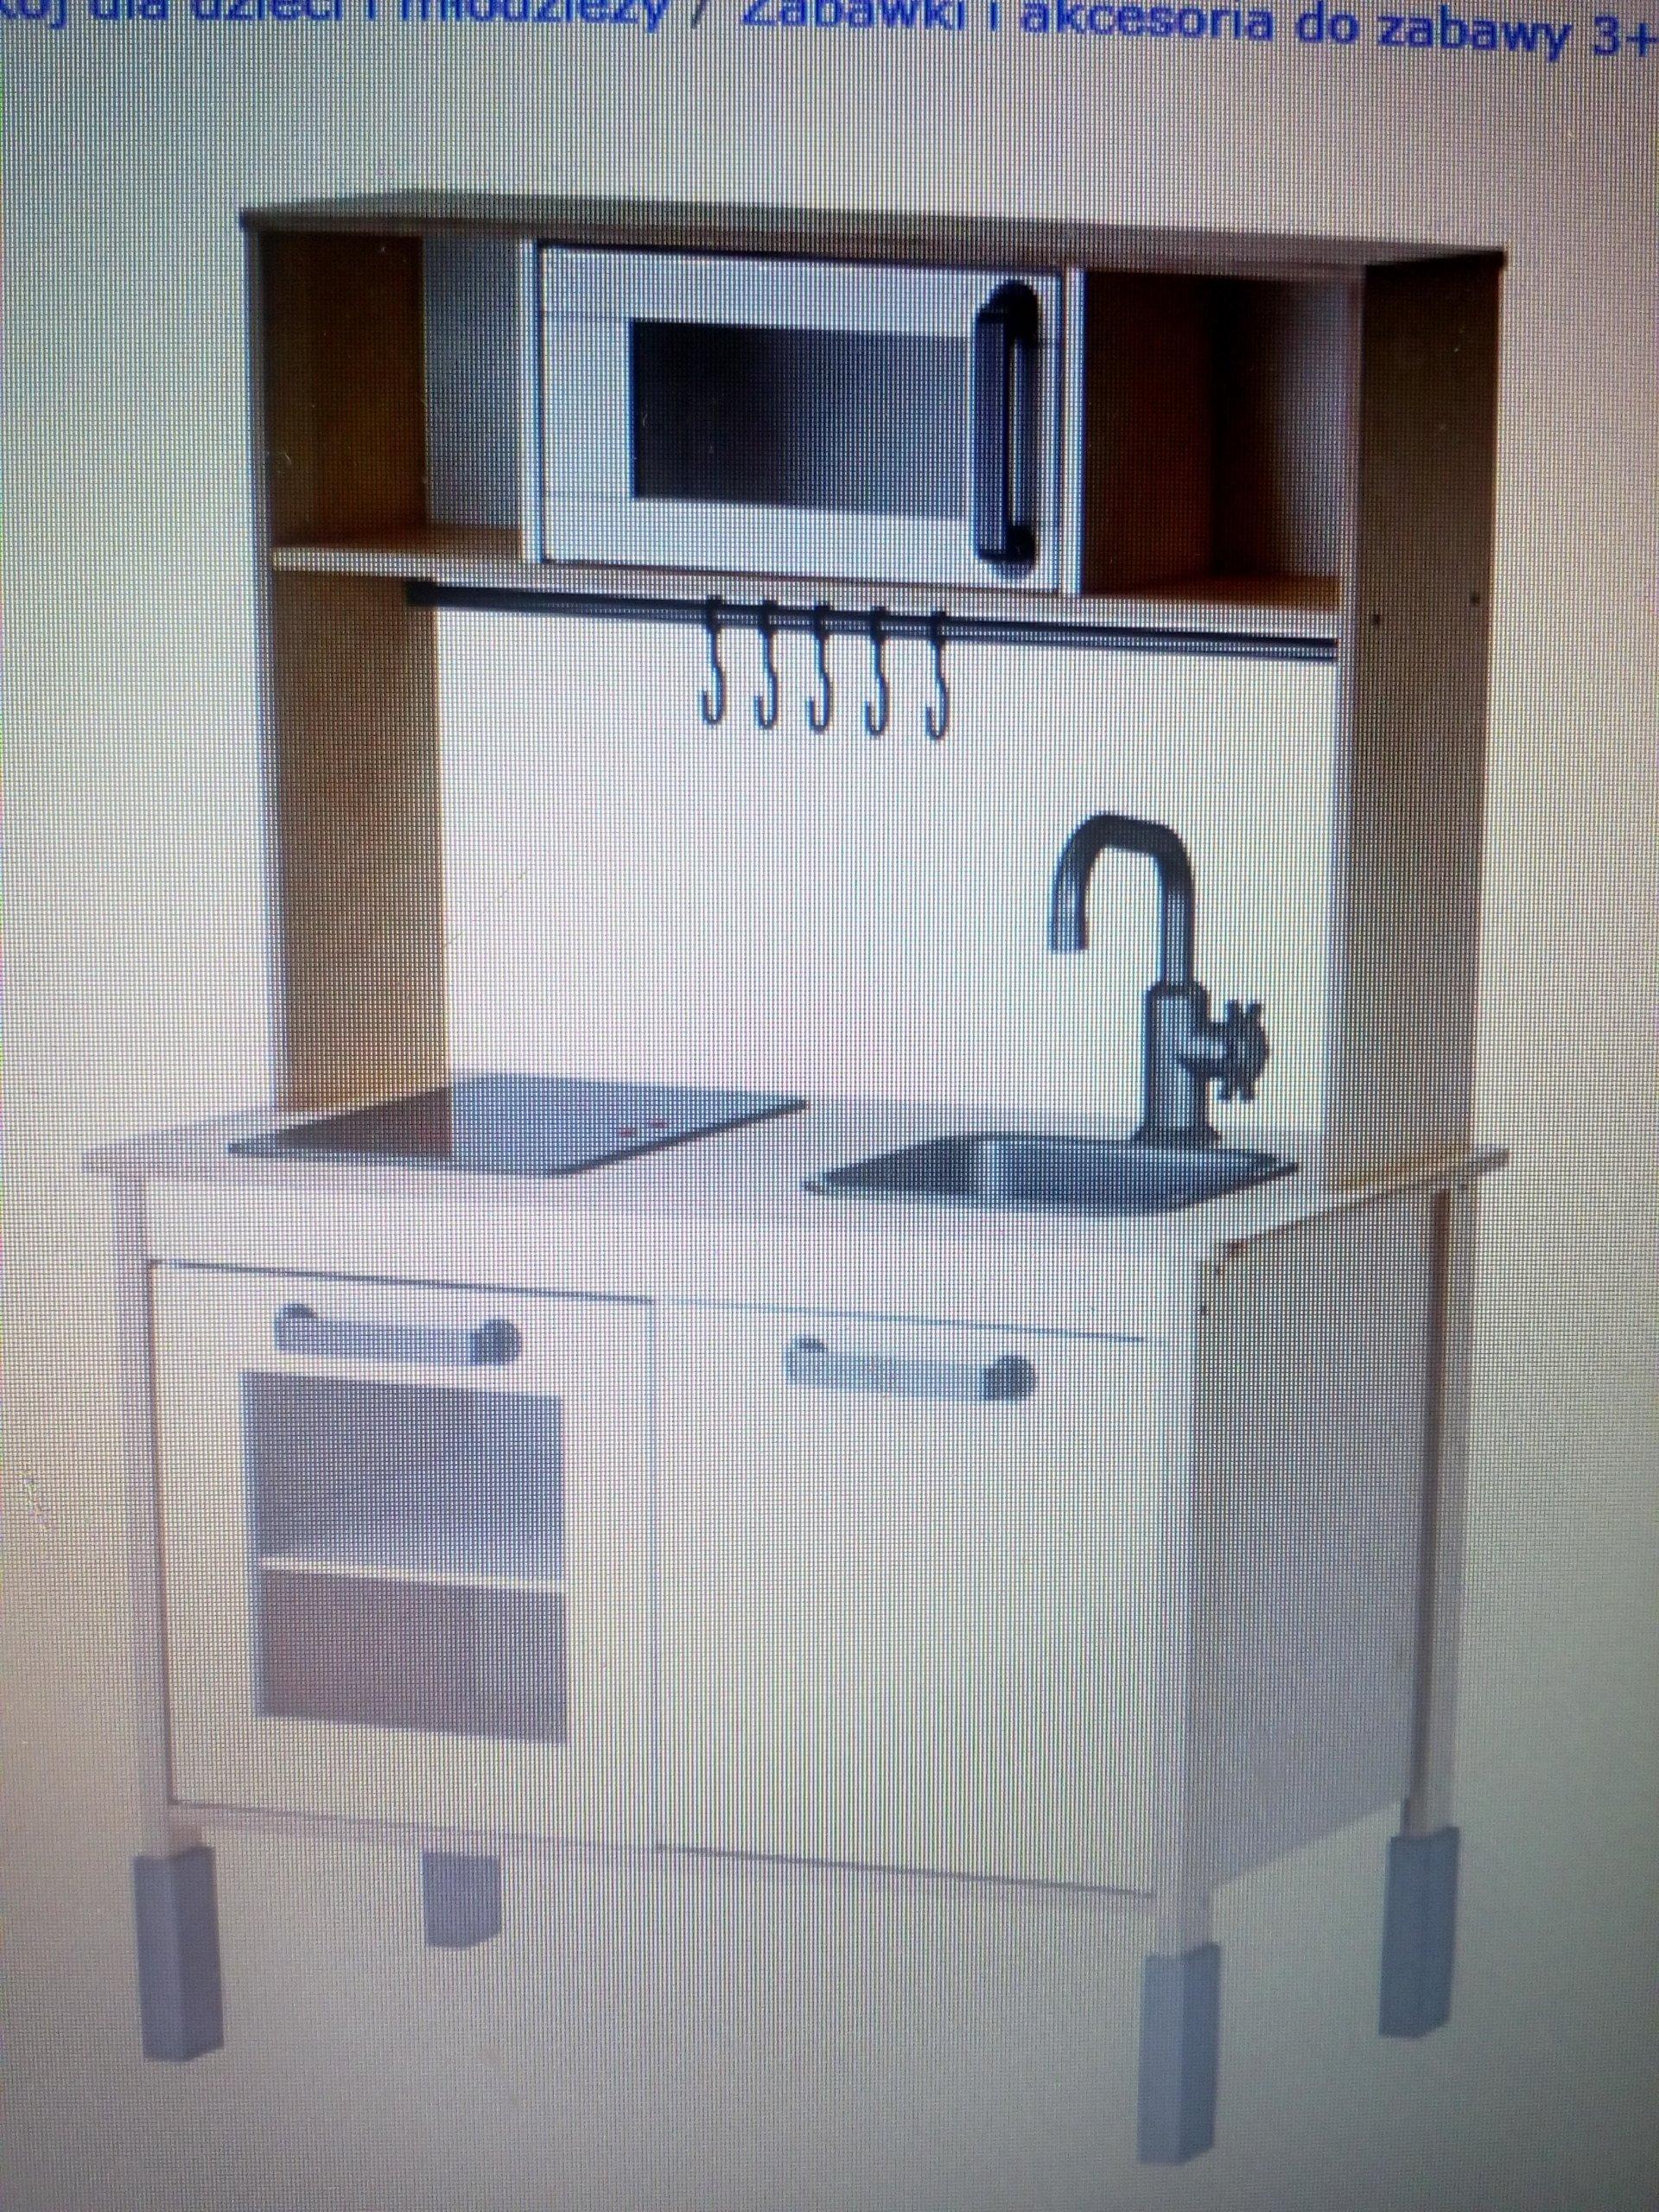 Kuchnia Do Zabawy Ikea Duktig Nowa 7342396242 Oficjalne Archiwum